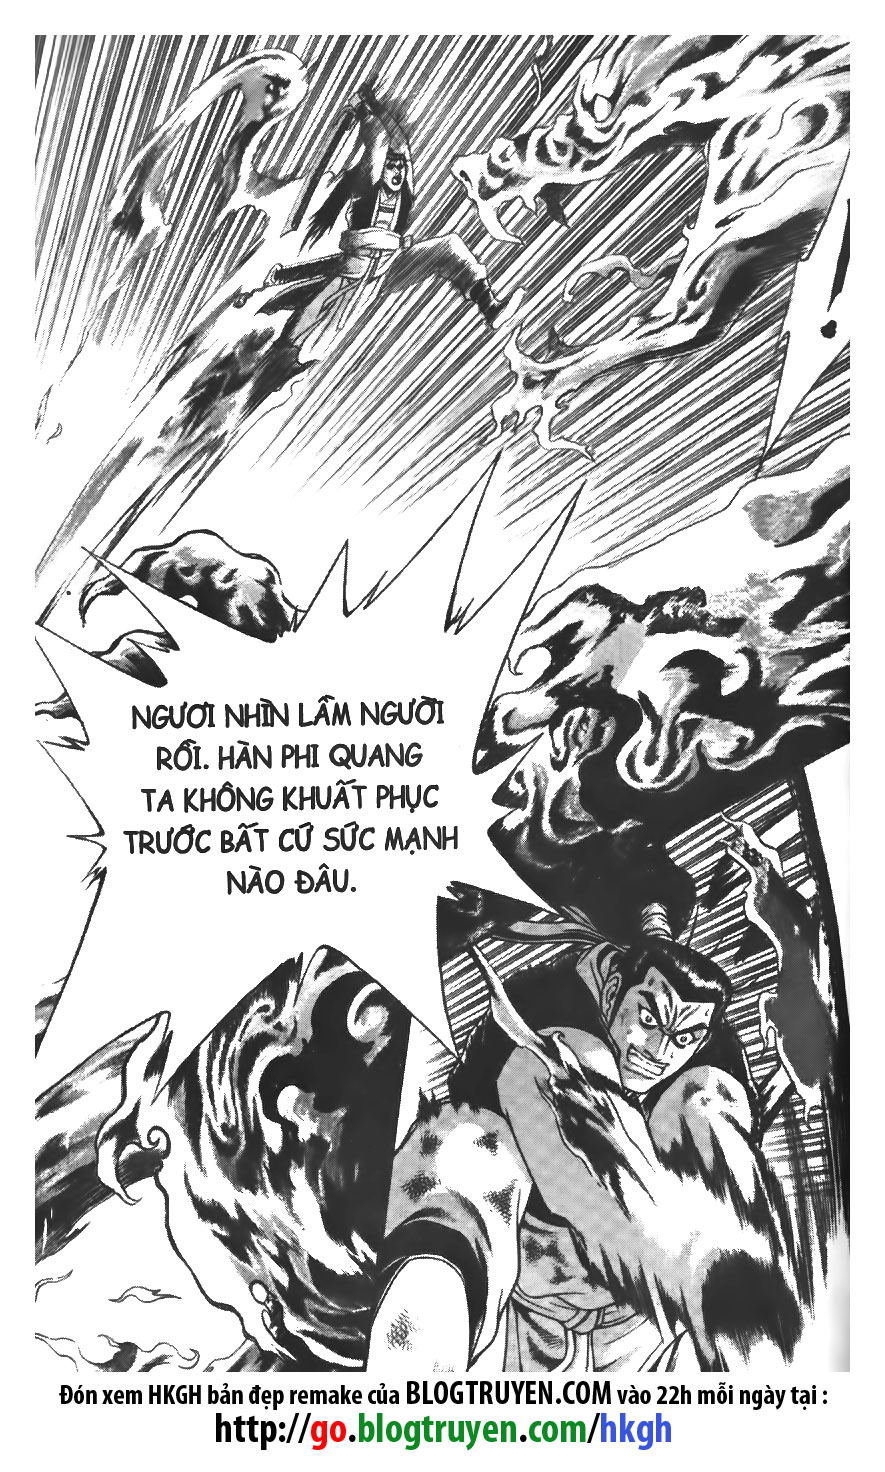 xem truyen moi - Hiệp Khách Giang Hồ Vol29 - Chap 194 - Remake